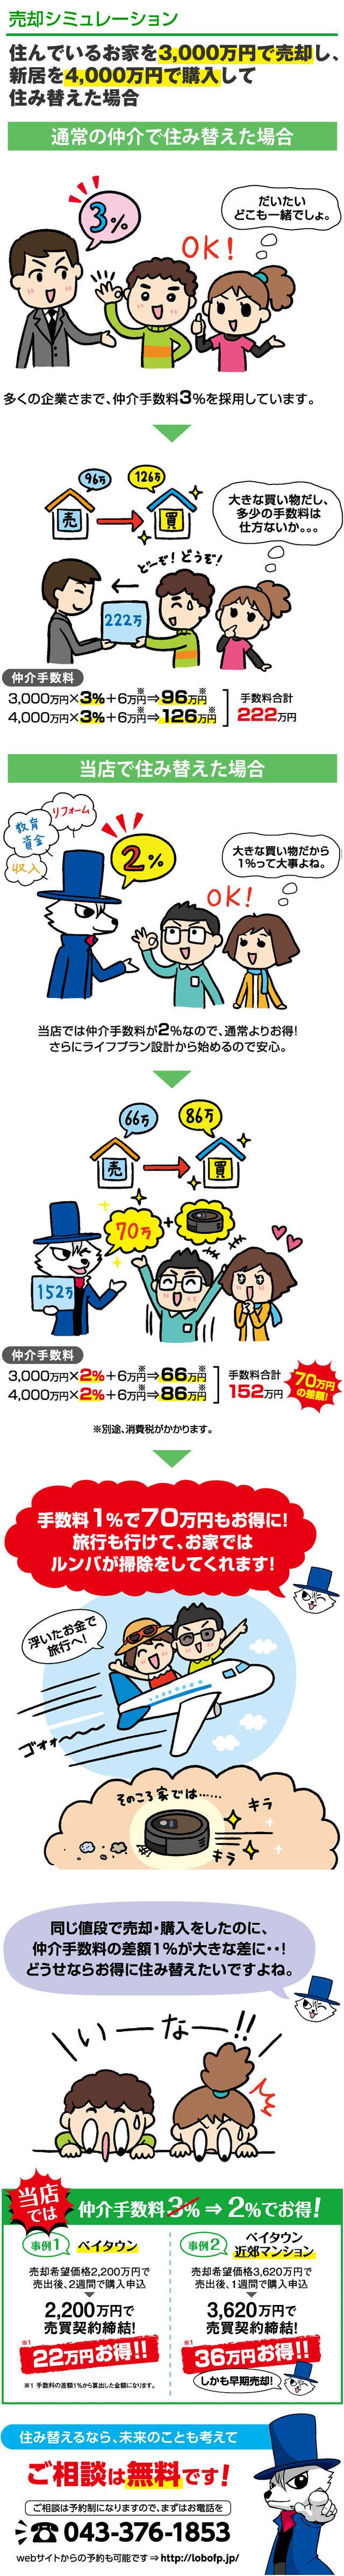 売却シミュレーション 手数料でも、お客様をサポート